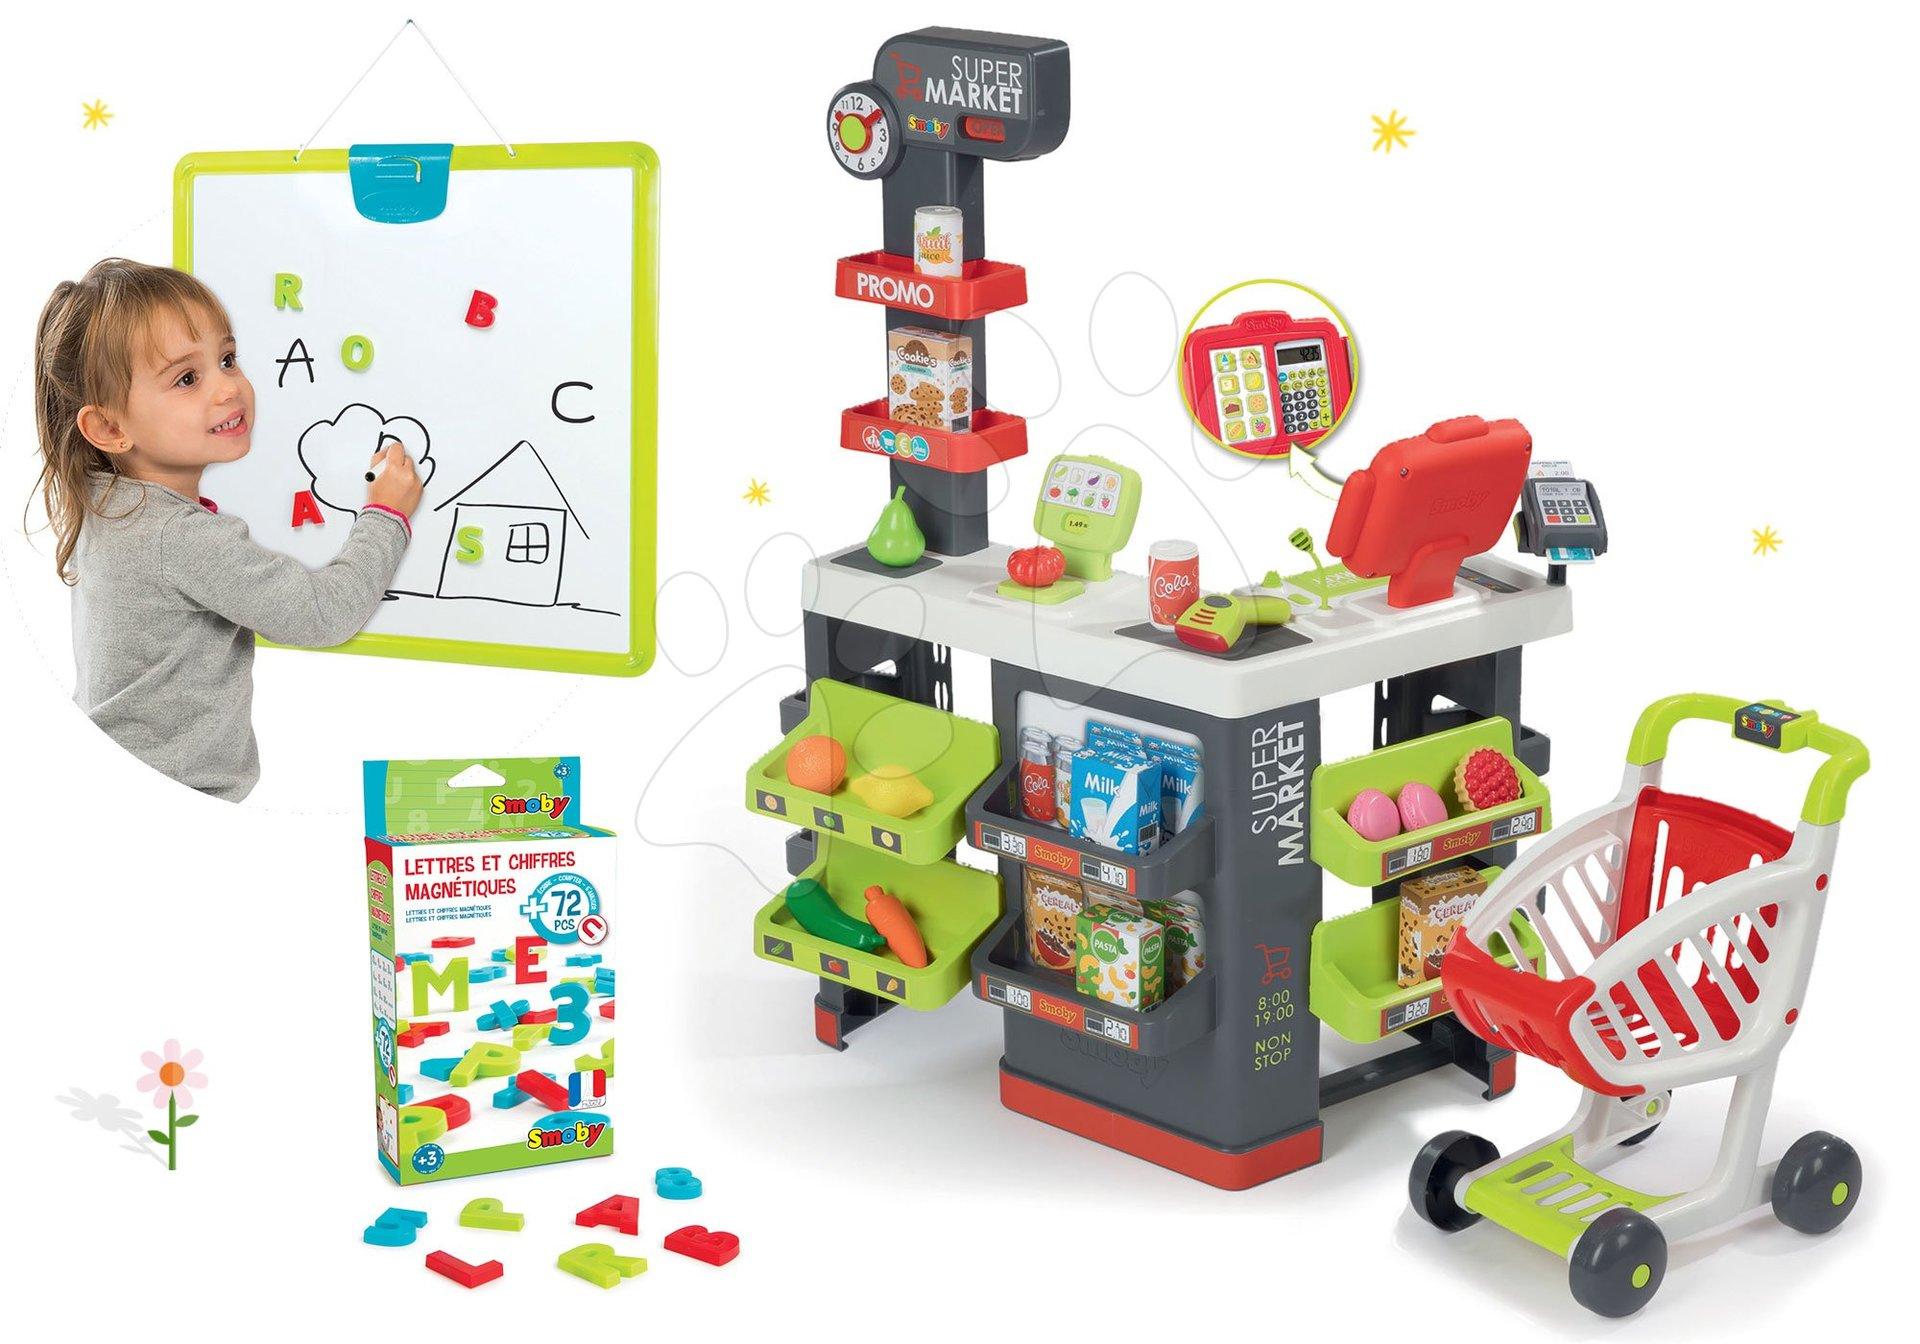 Smoby obchod Supermarket s pokladňou a magnetická tabuľa s magnetkami 350213-33